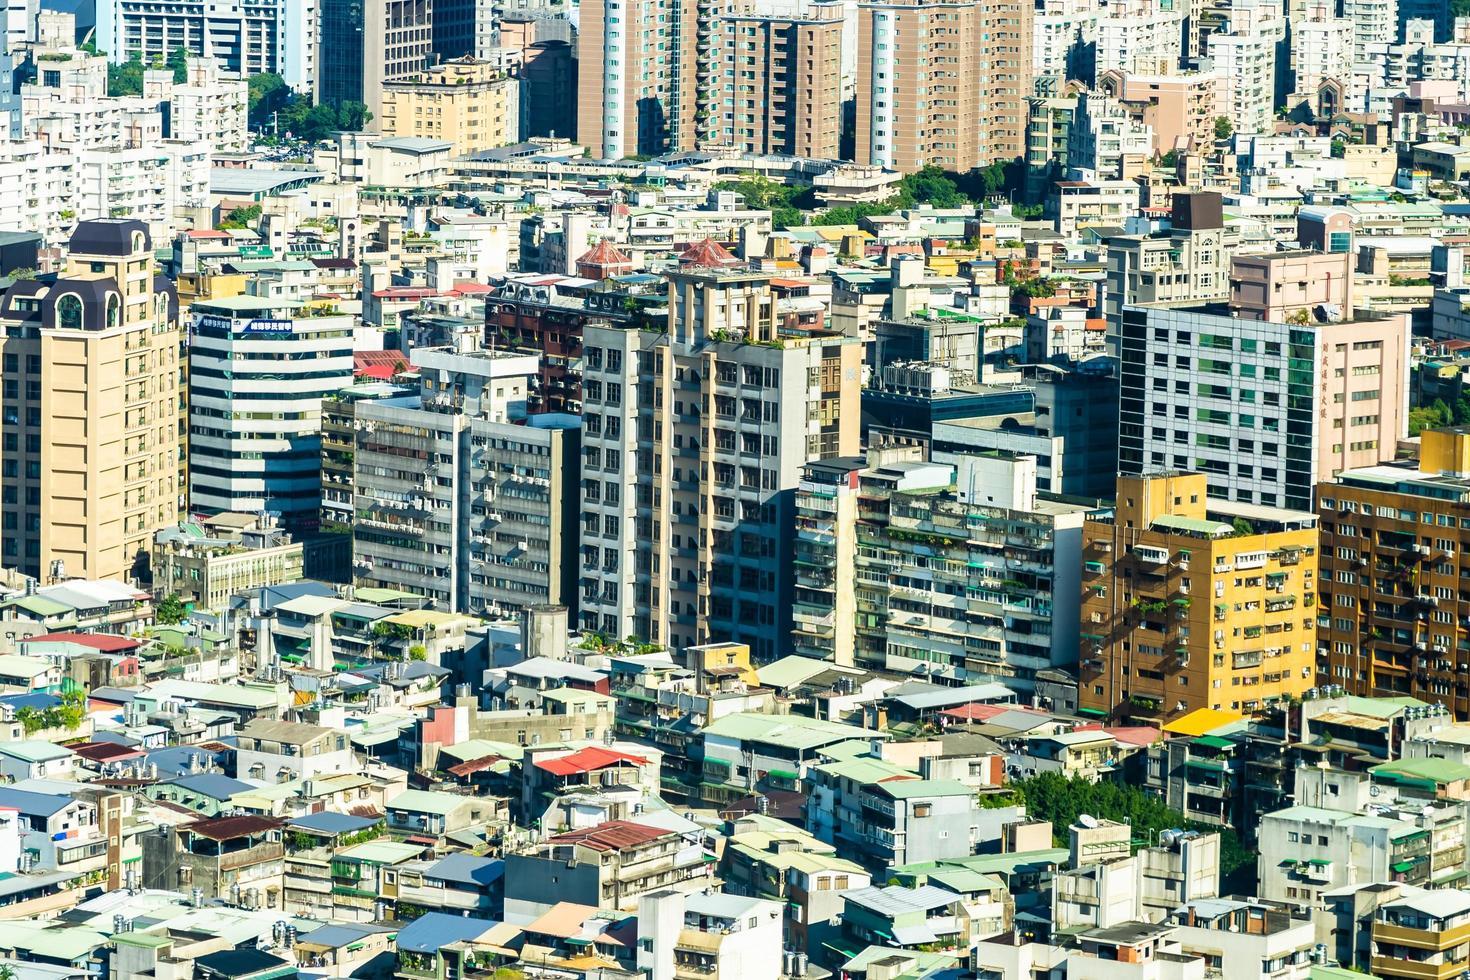 Stadtbild der Stadt Taipeh in Taiwan foto